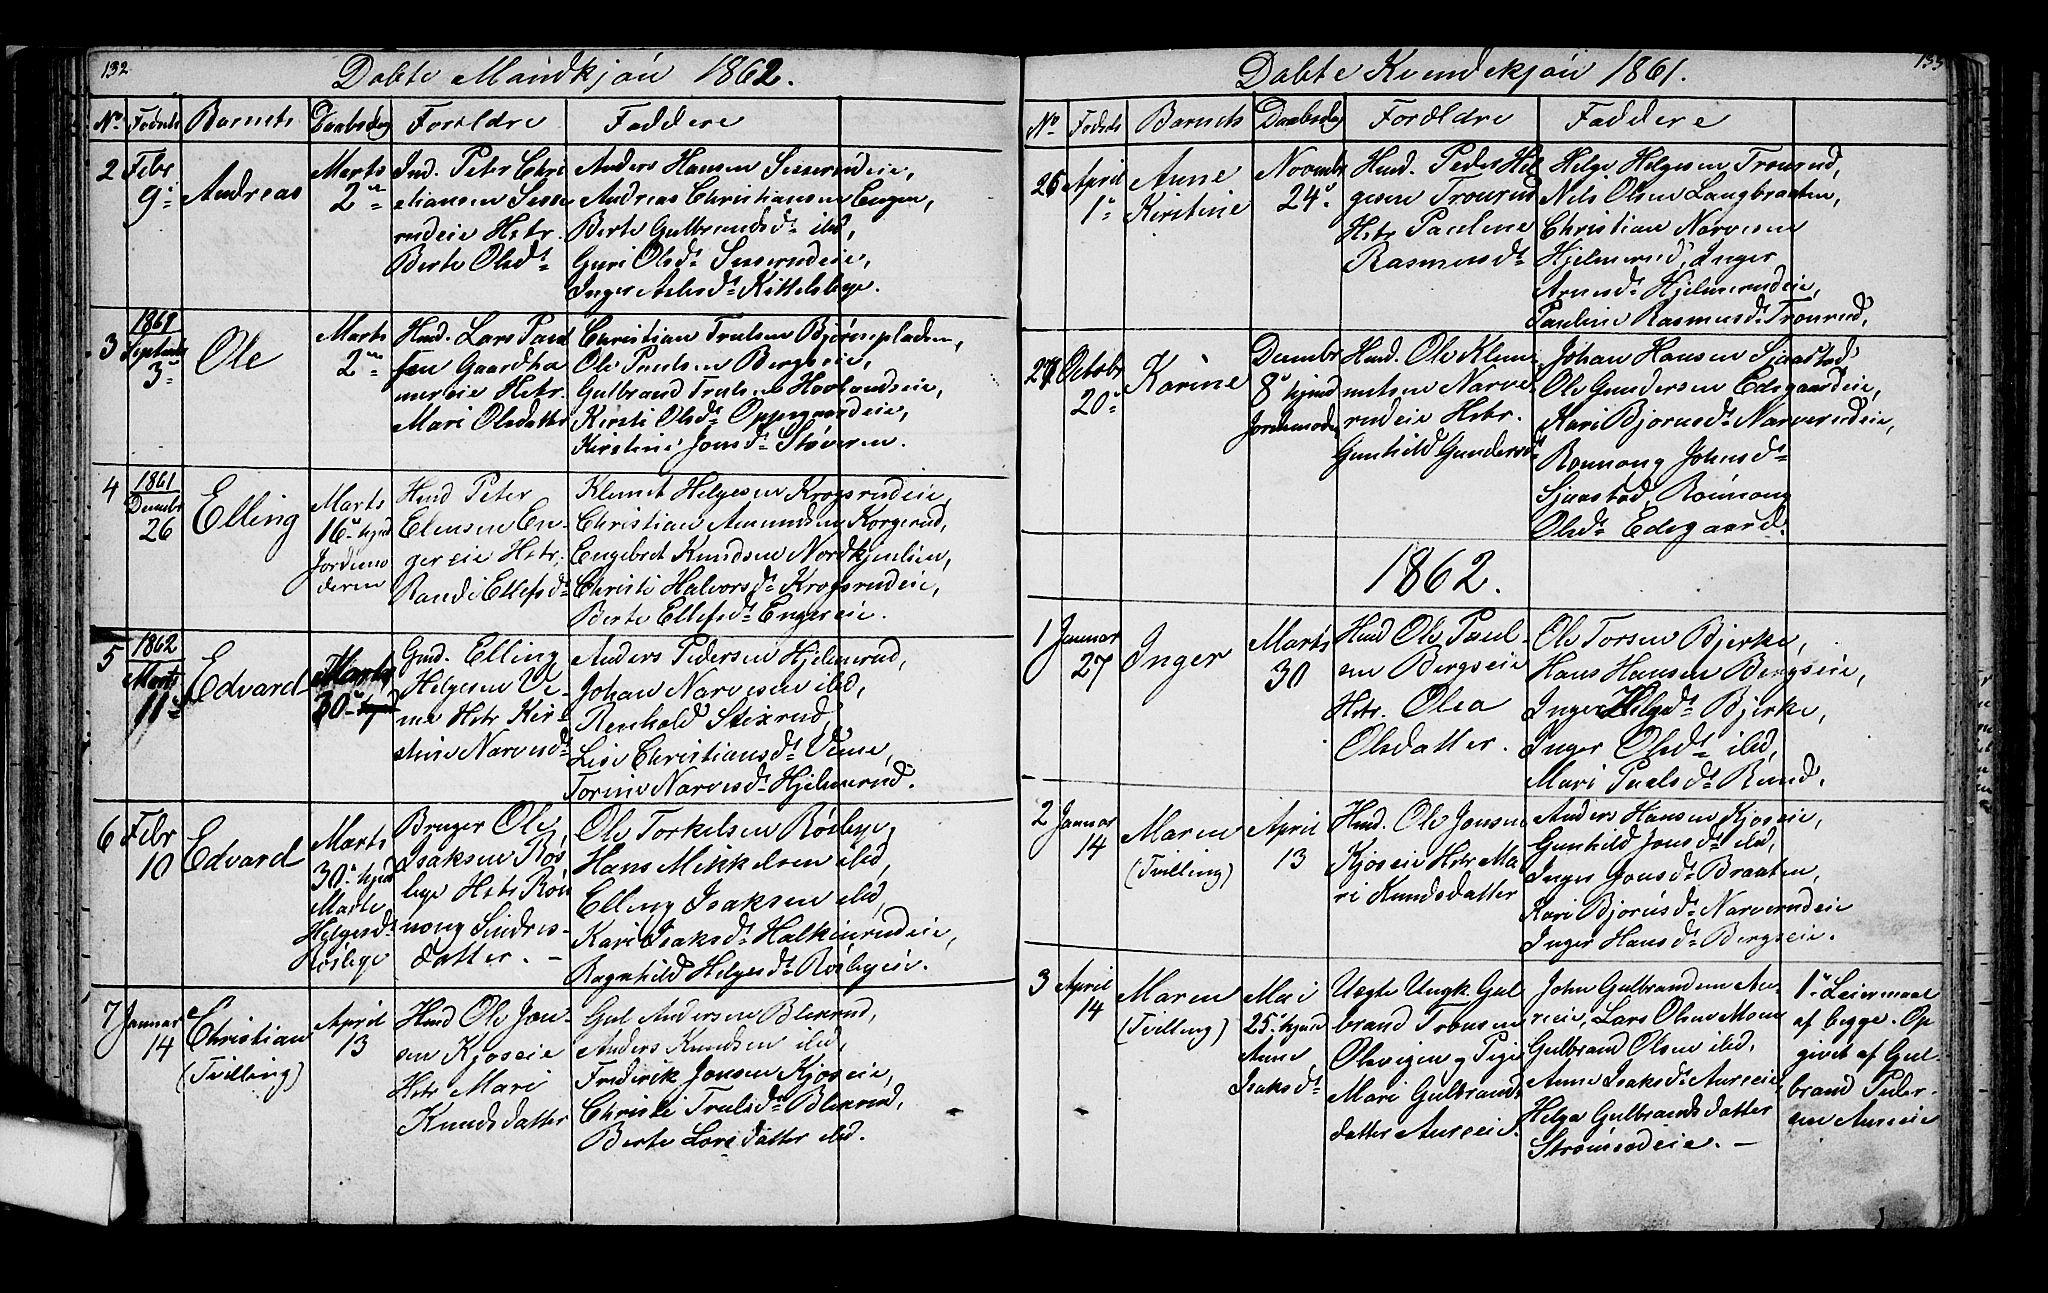 SAKO, Lunder kirkebøker, G/Ga/L0002: Klokkerbok nr. I 2, 1849-1868, s. 132-133